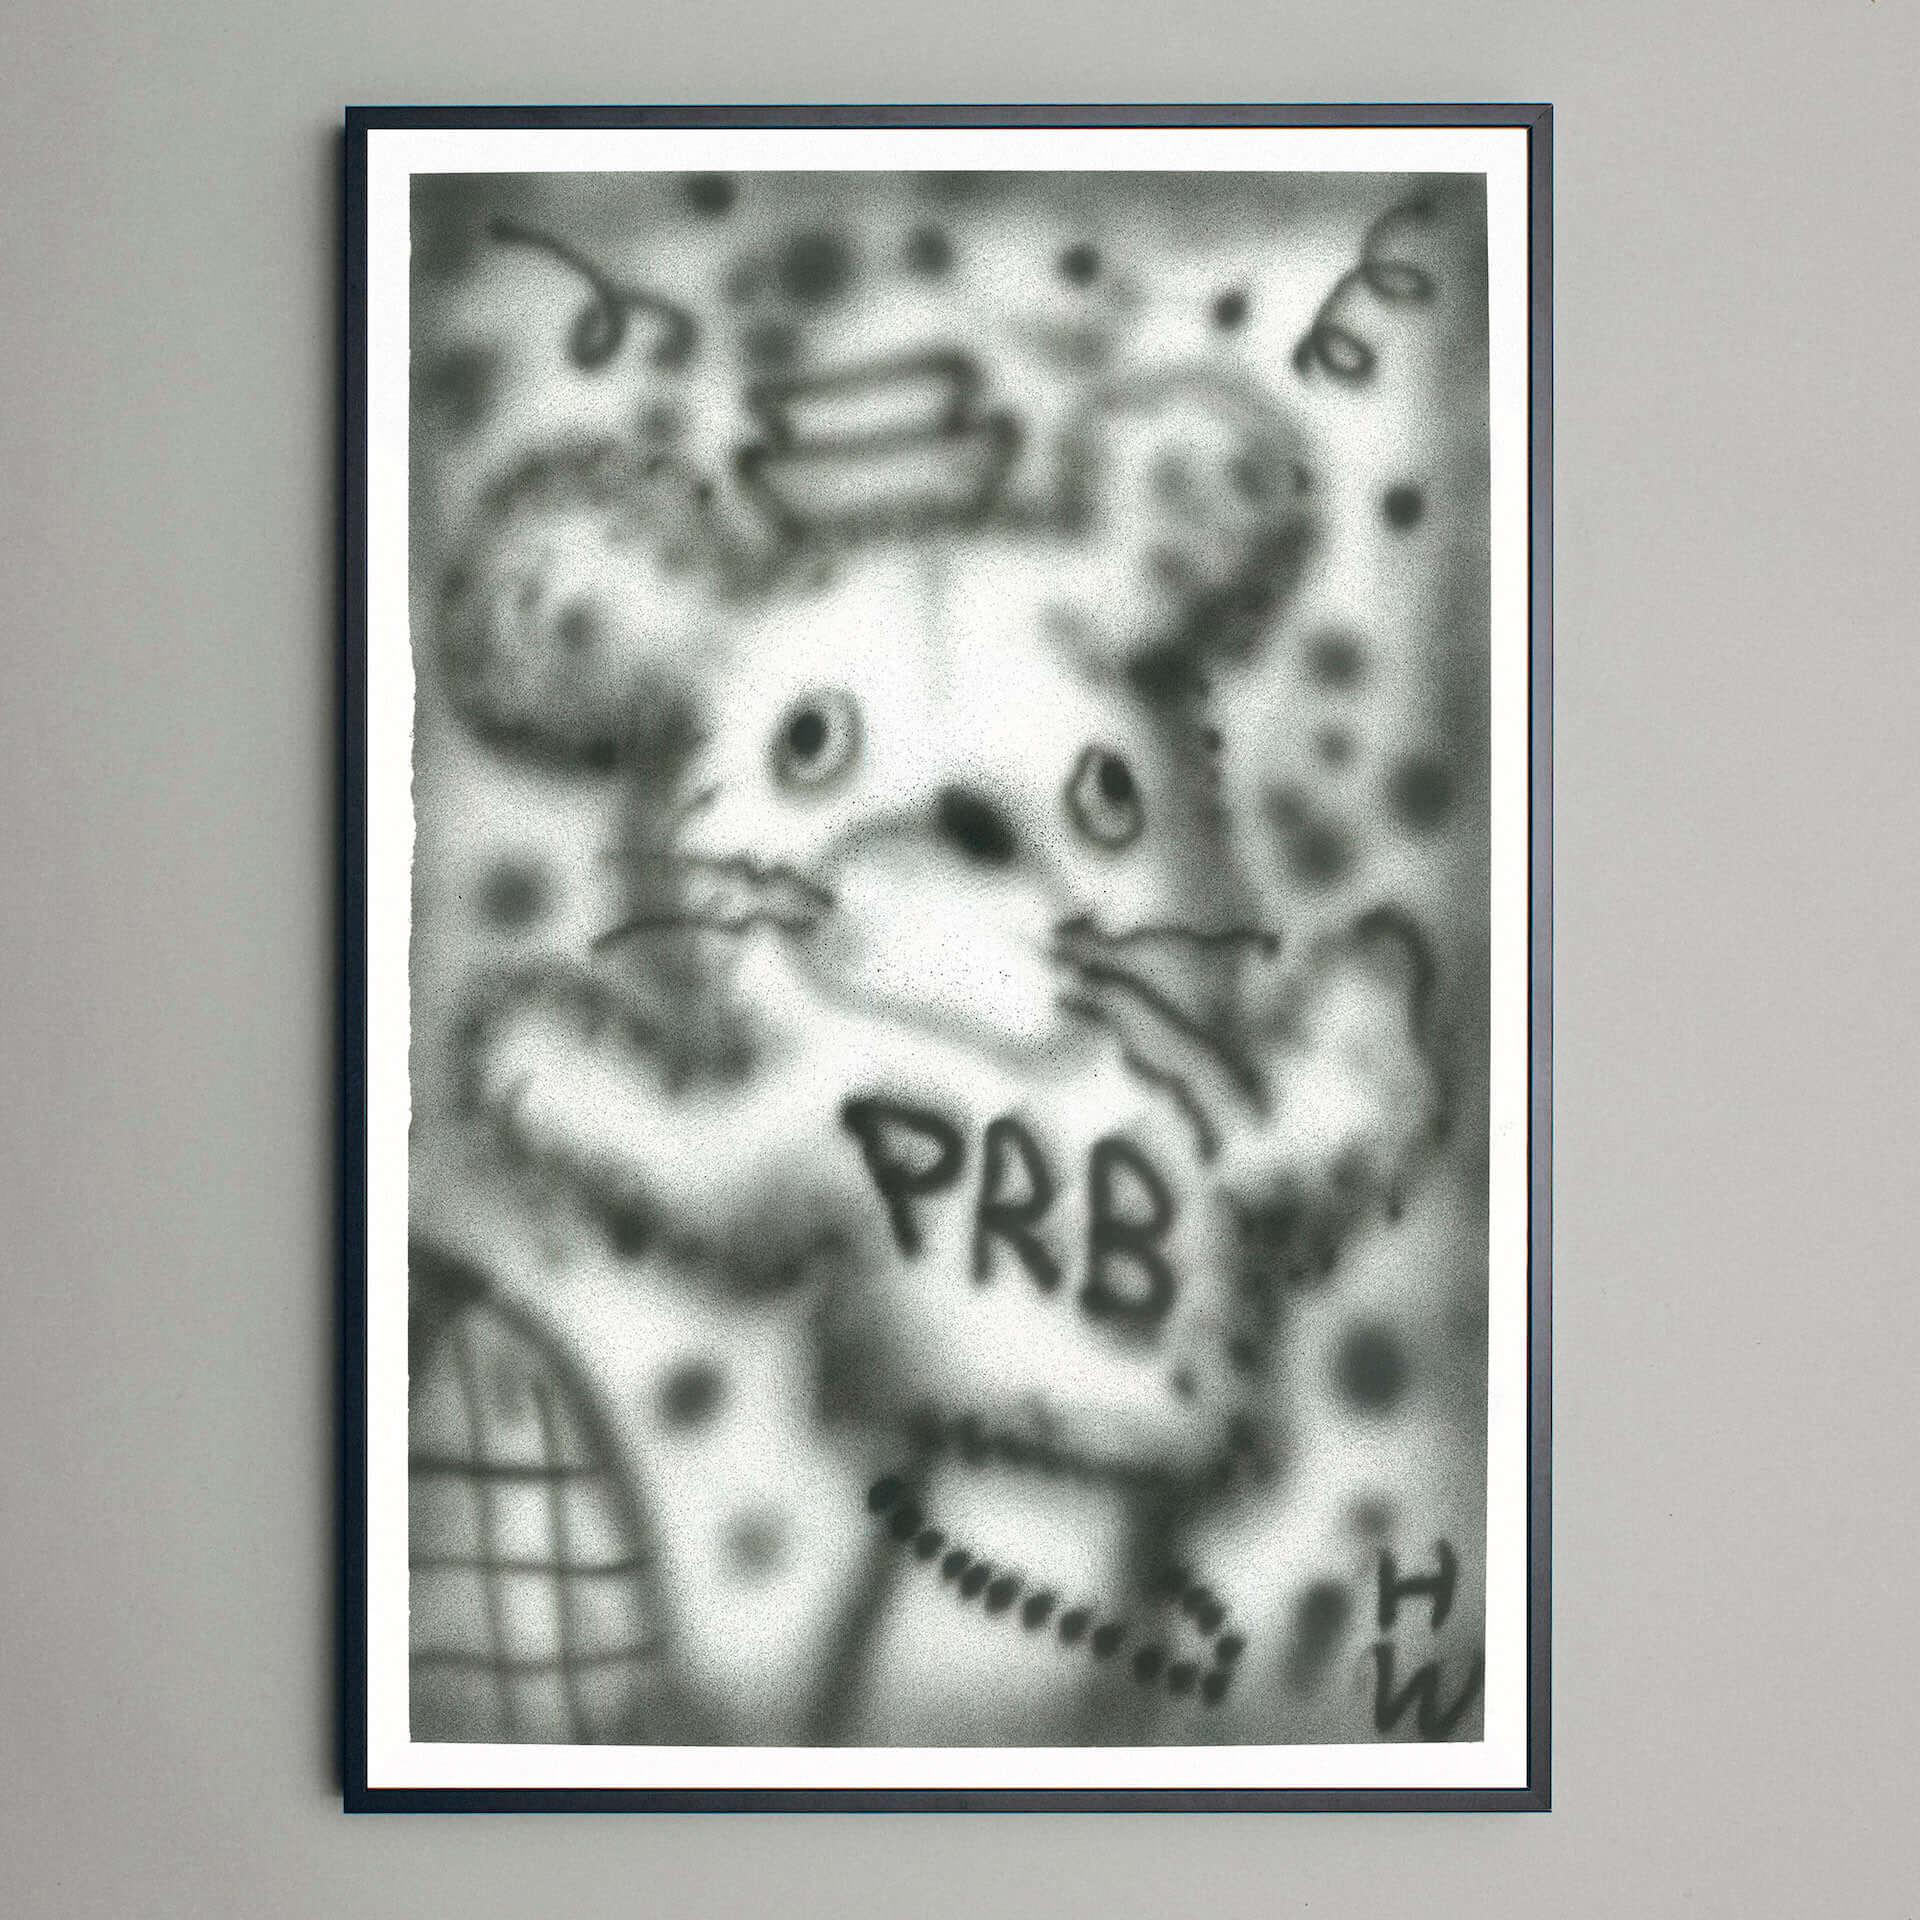 ヒラパー・ウィルソンの個展<TWIG>がLAID BUGにて開催決定!LAID BUGが監修したアートブックも販売 art210208_twig_2-1920x1920